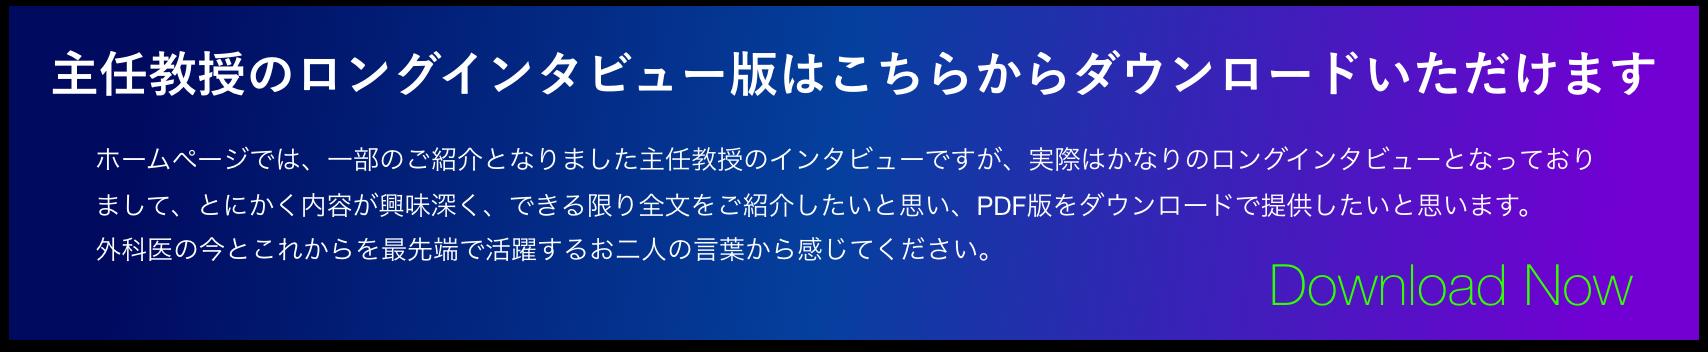 ロングインタビュー版PDFダウンロード